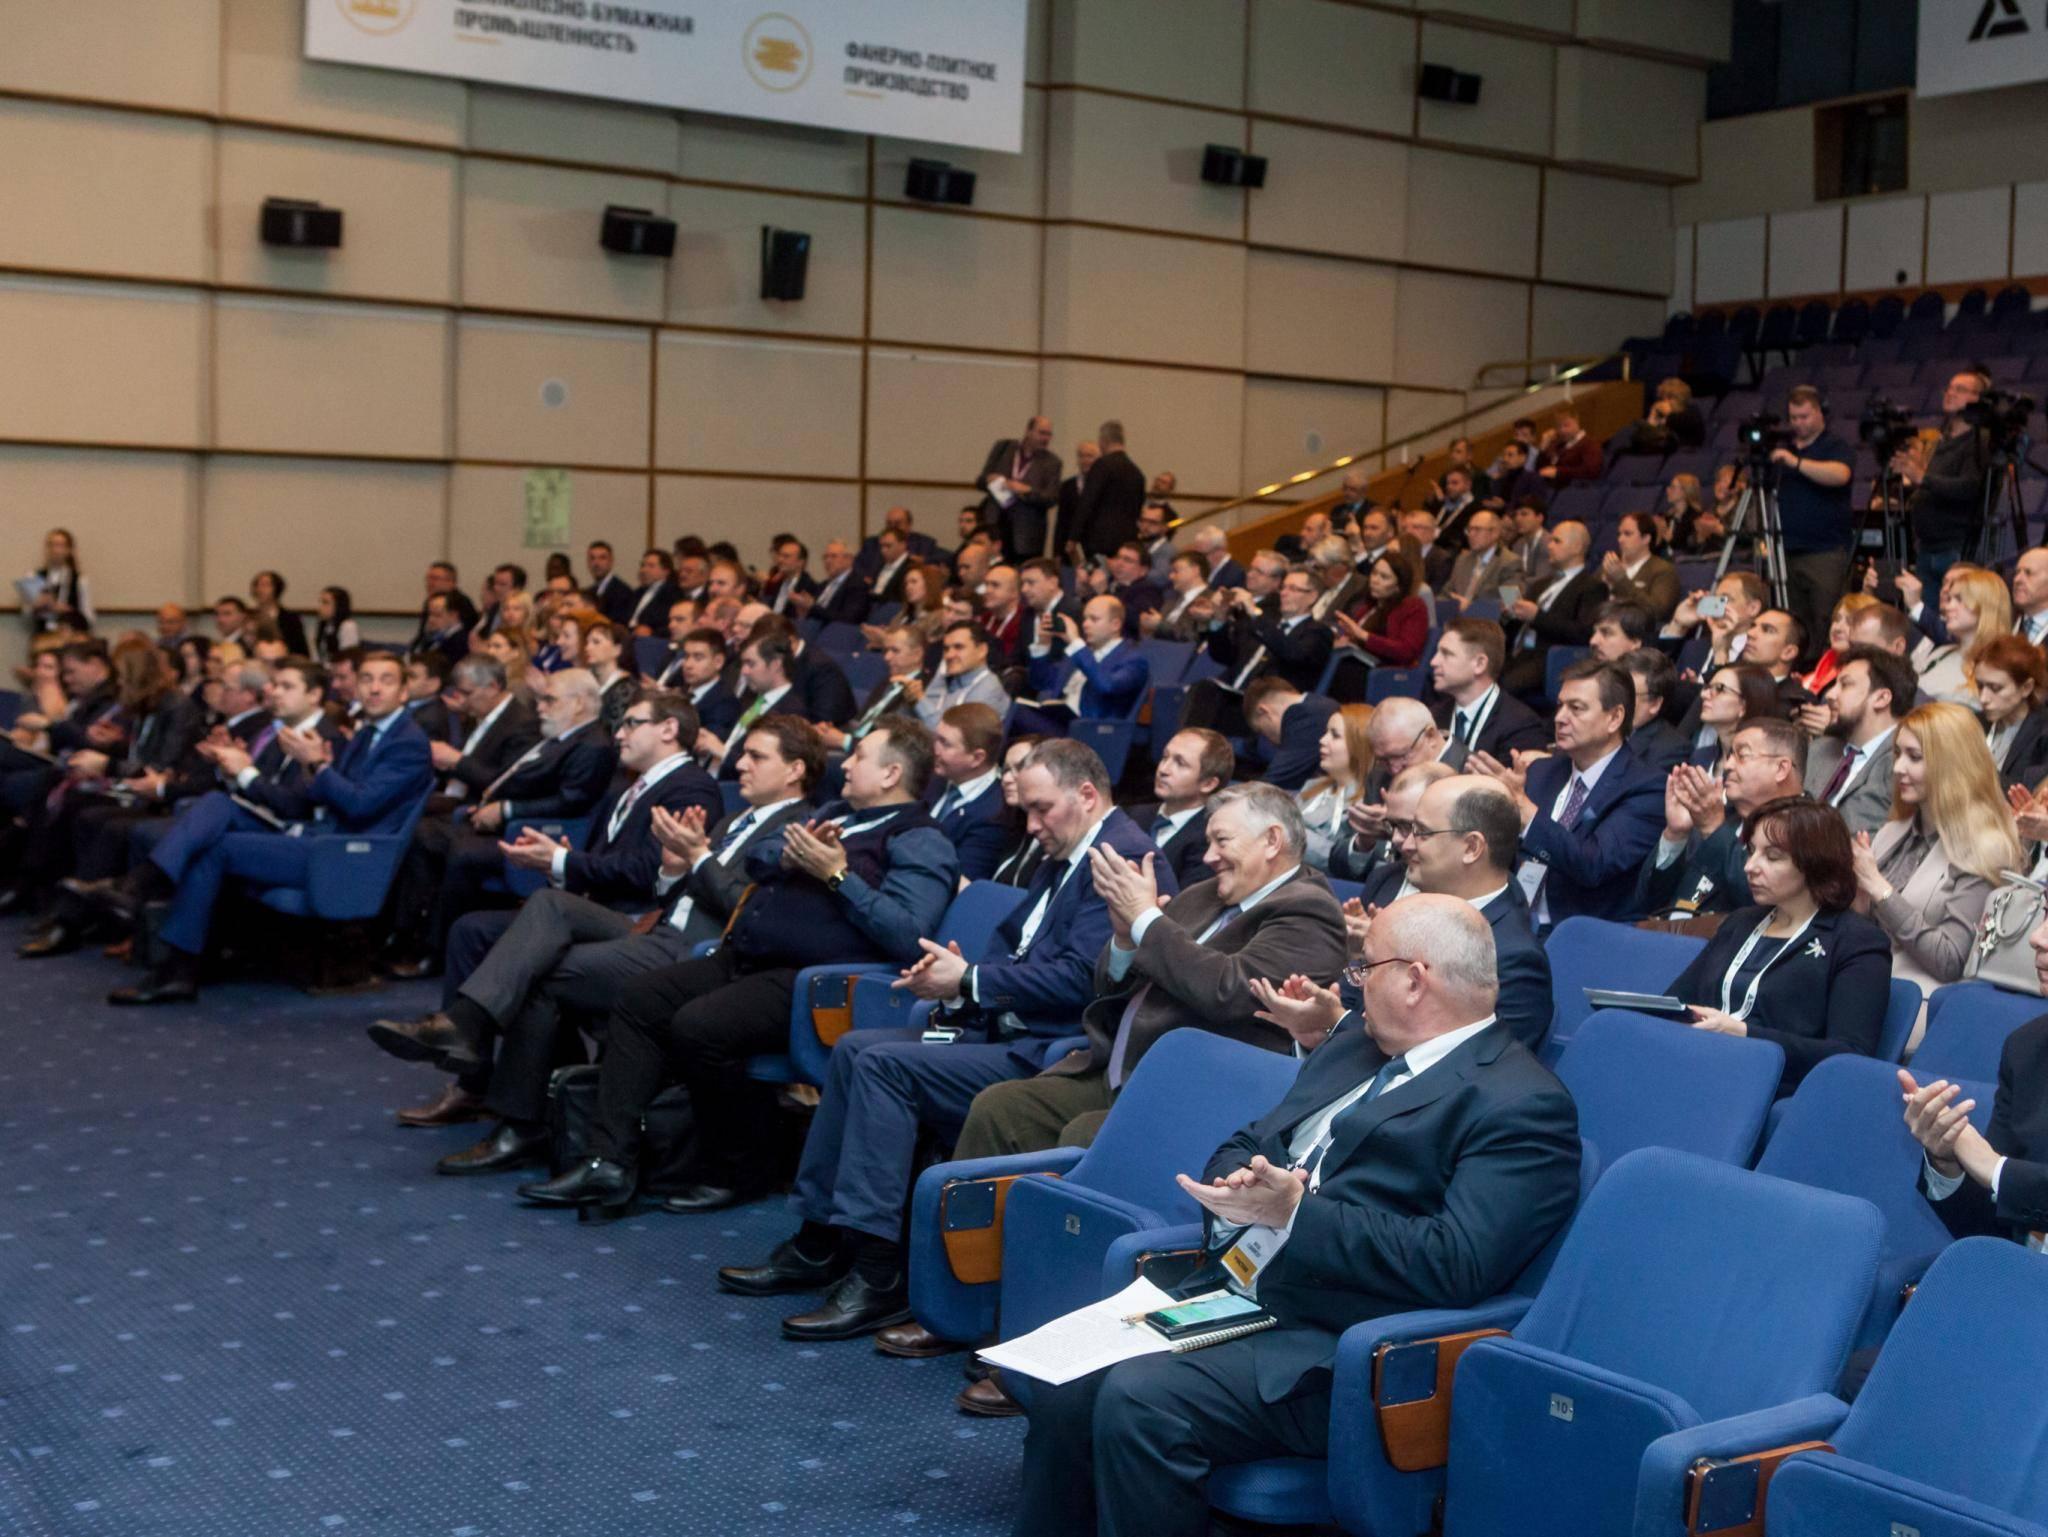 Замминистра промышленности и торговли ознакомился с образцами продукции ЛАТАТ на конференции ЛПК 360°